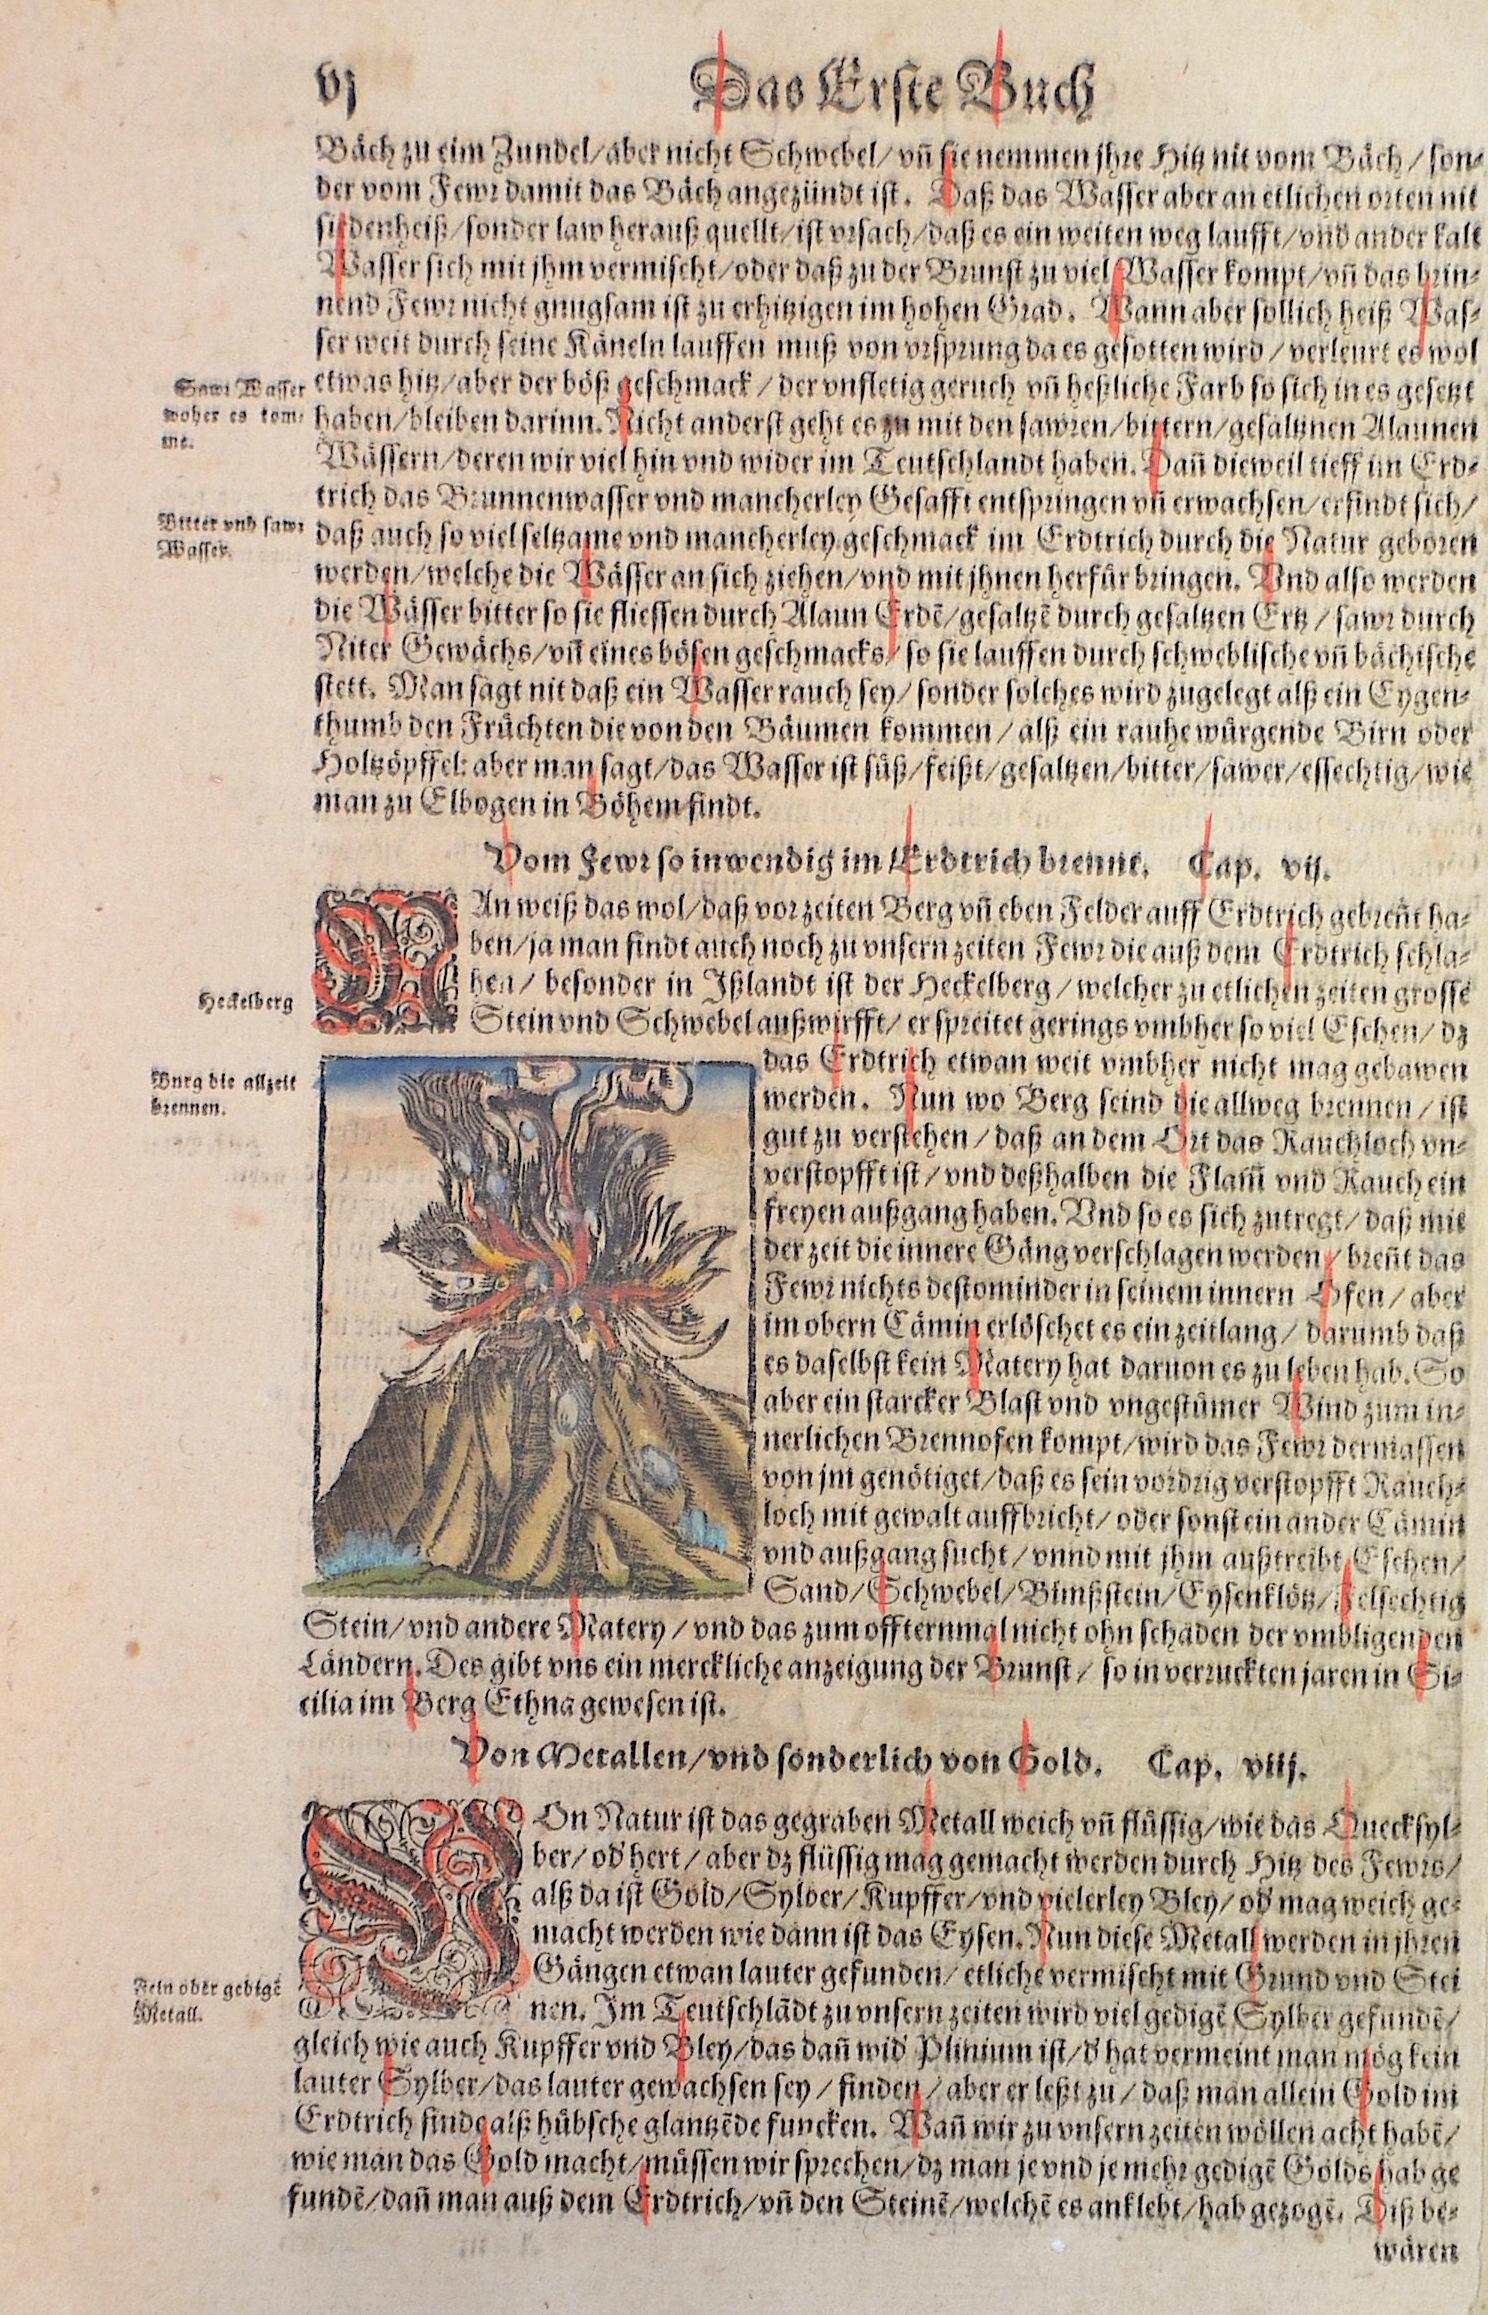 Münster Sebastian Der Cosmography. / Vom feüwr so inwendig im erdtrich brint,